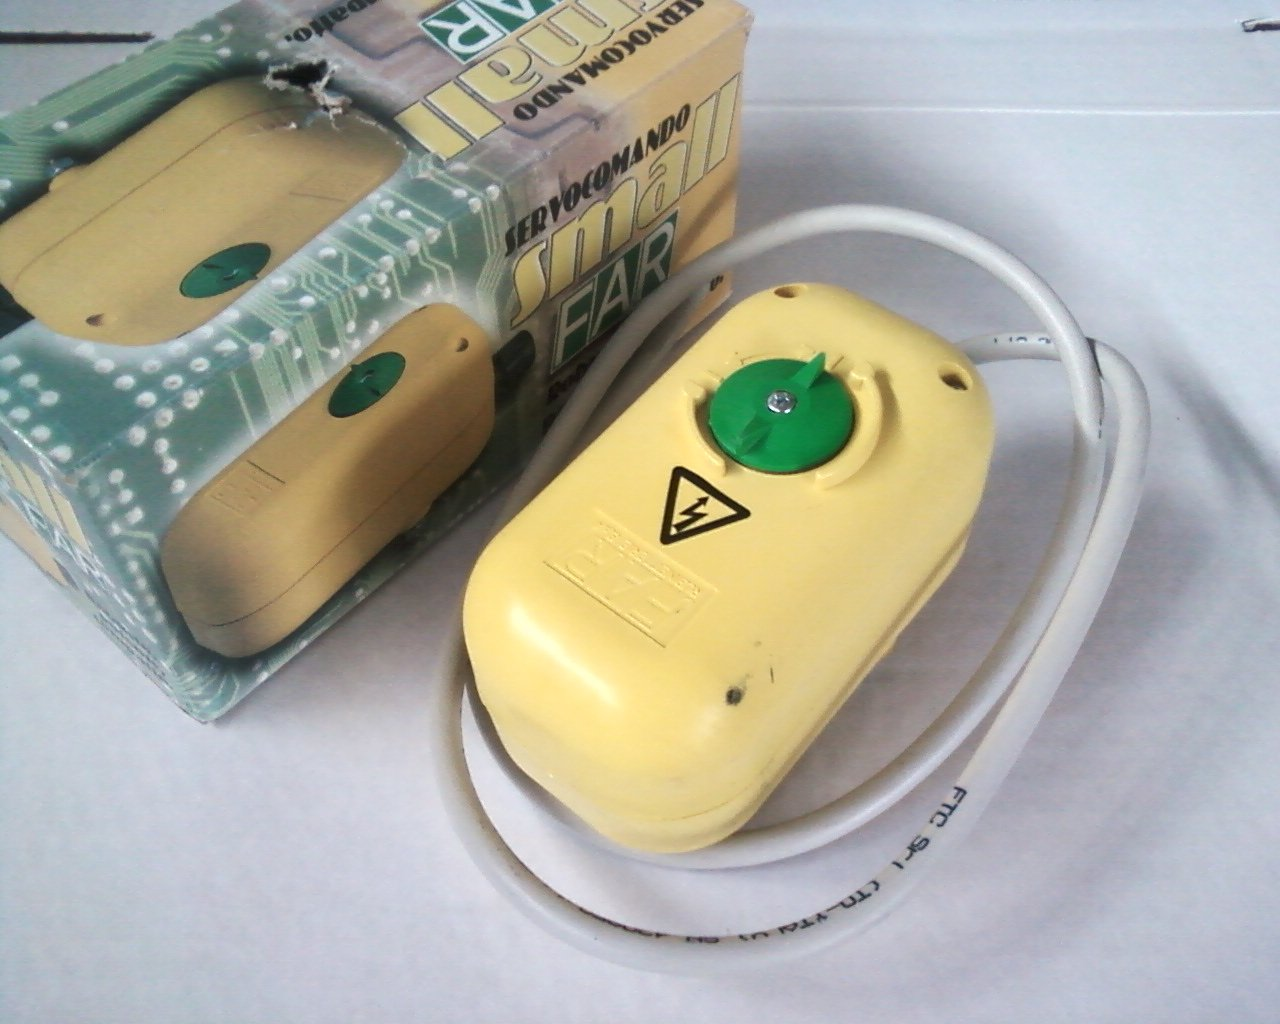 Elektrischer Antrieb für Zone Ventile Abmessungen: 24v